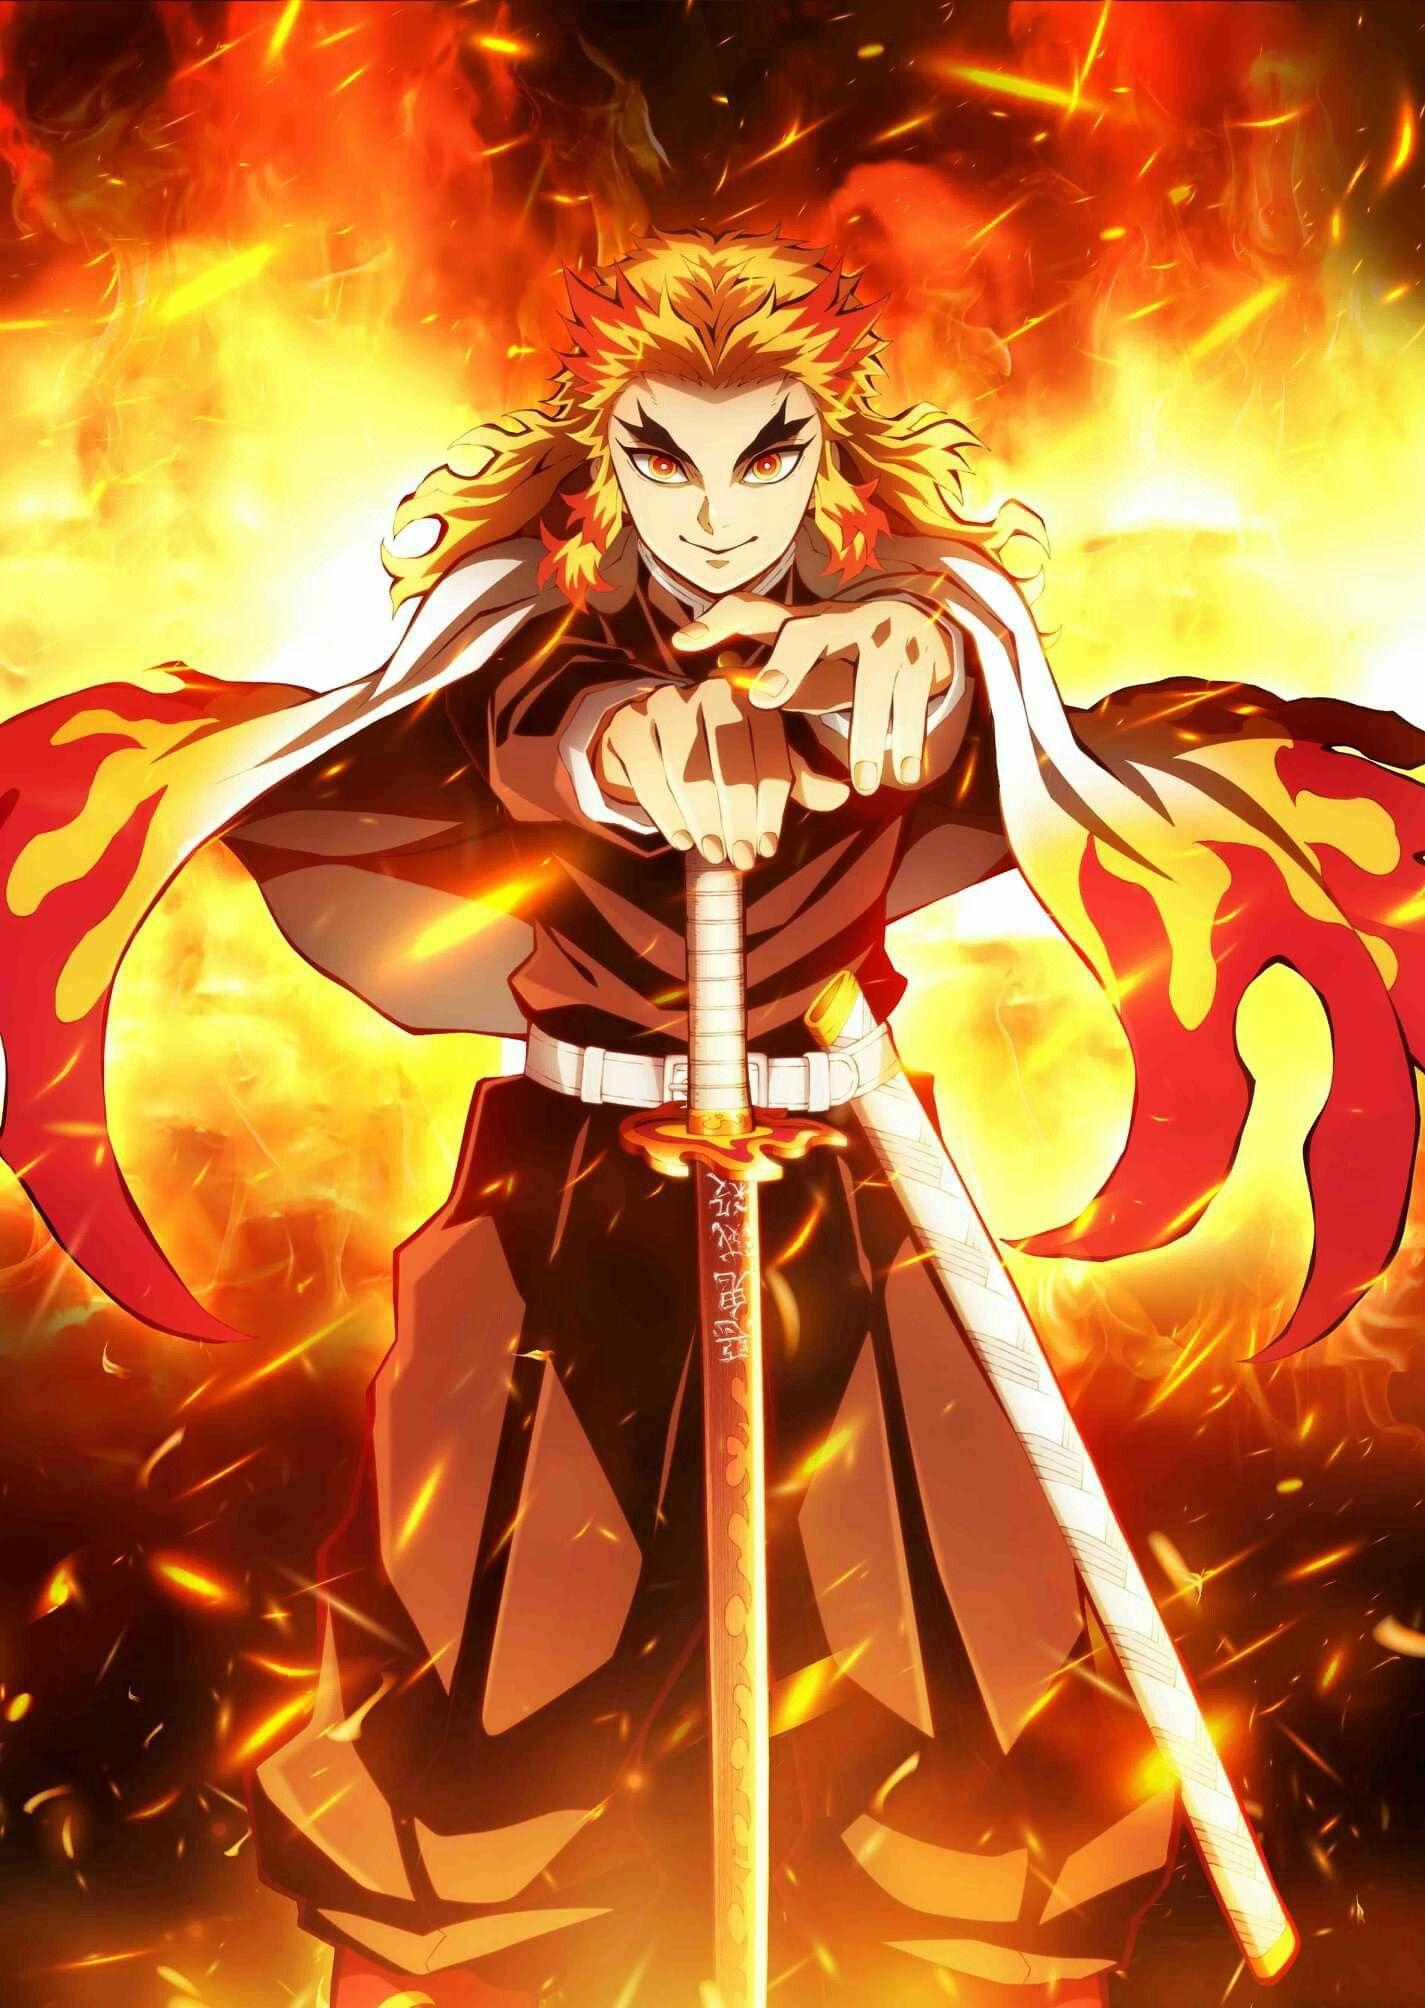 Kyoujurou Rengoku 🔥 Démon anime, Personnages d'animés